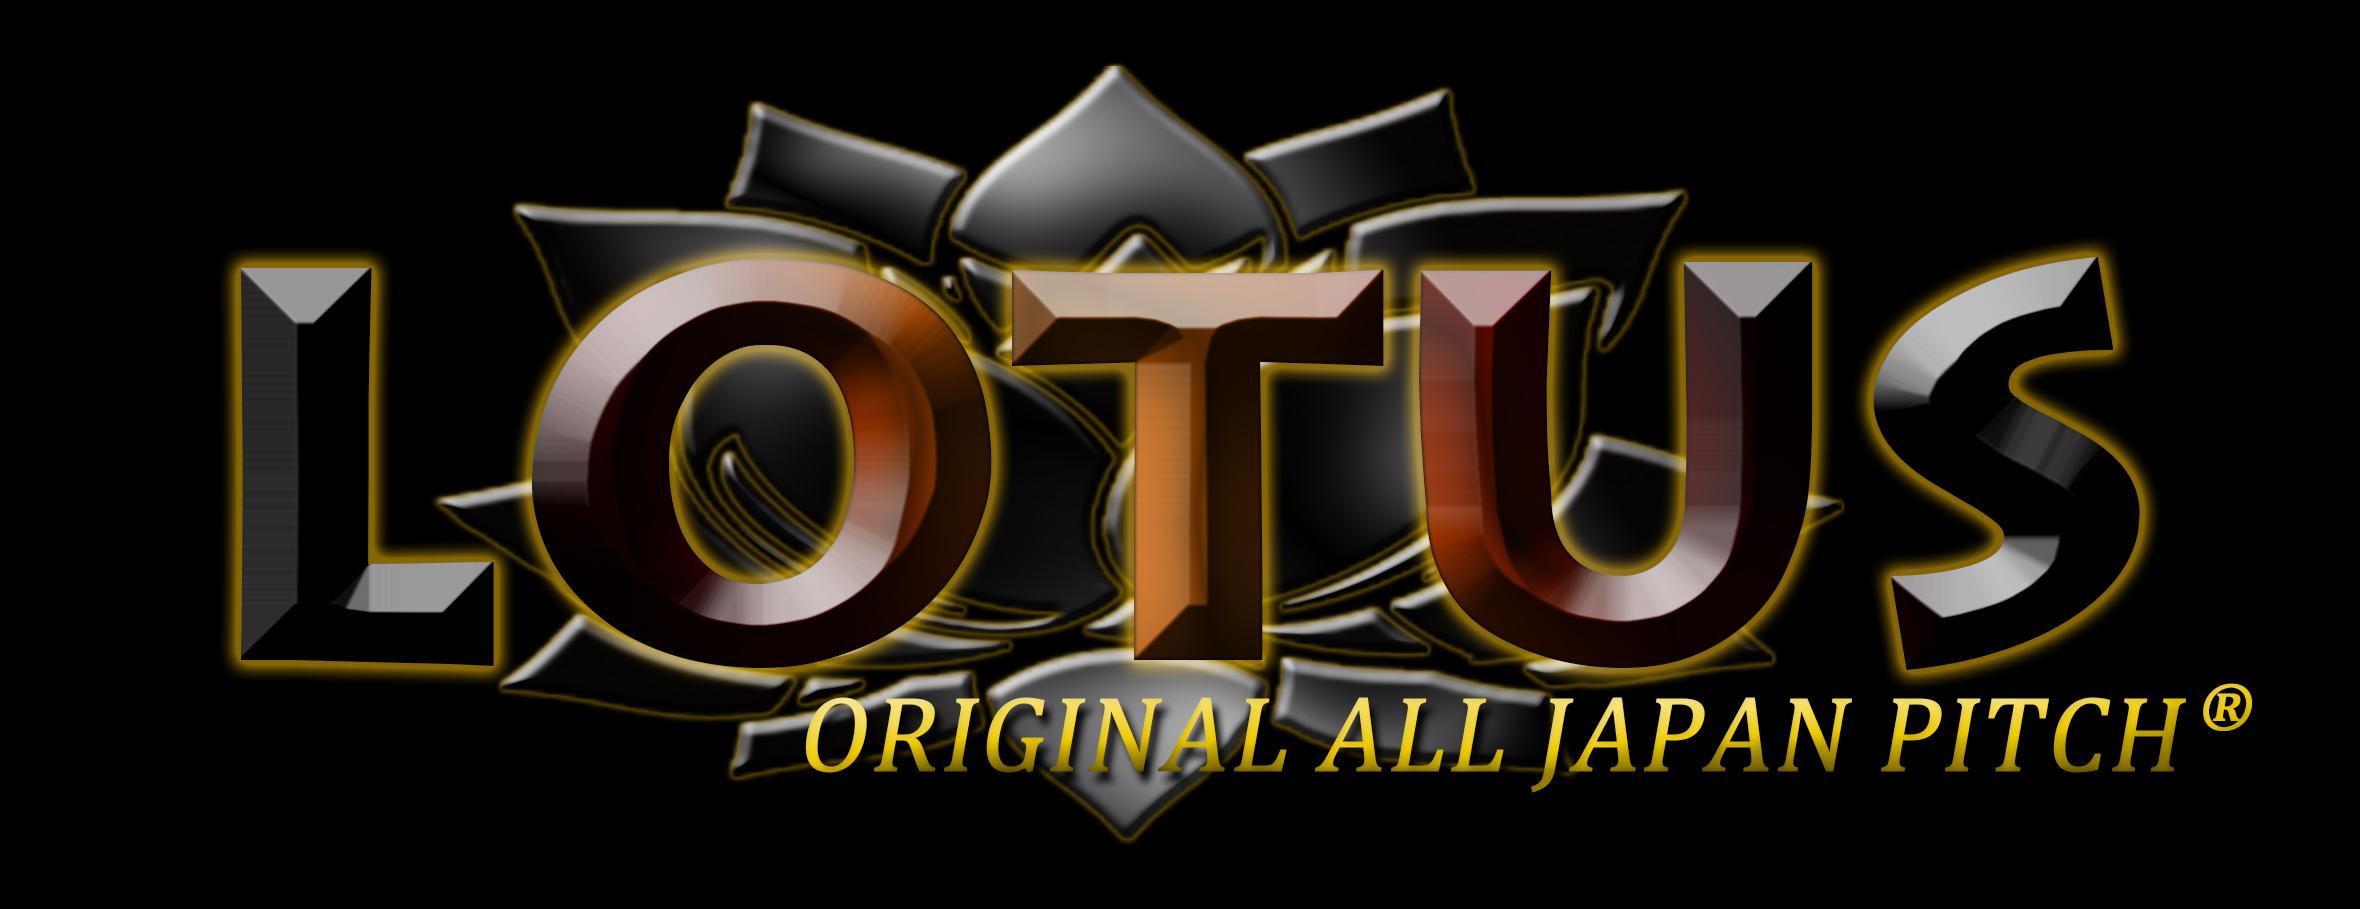 lotus-logo-2014.jpg